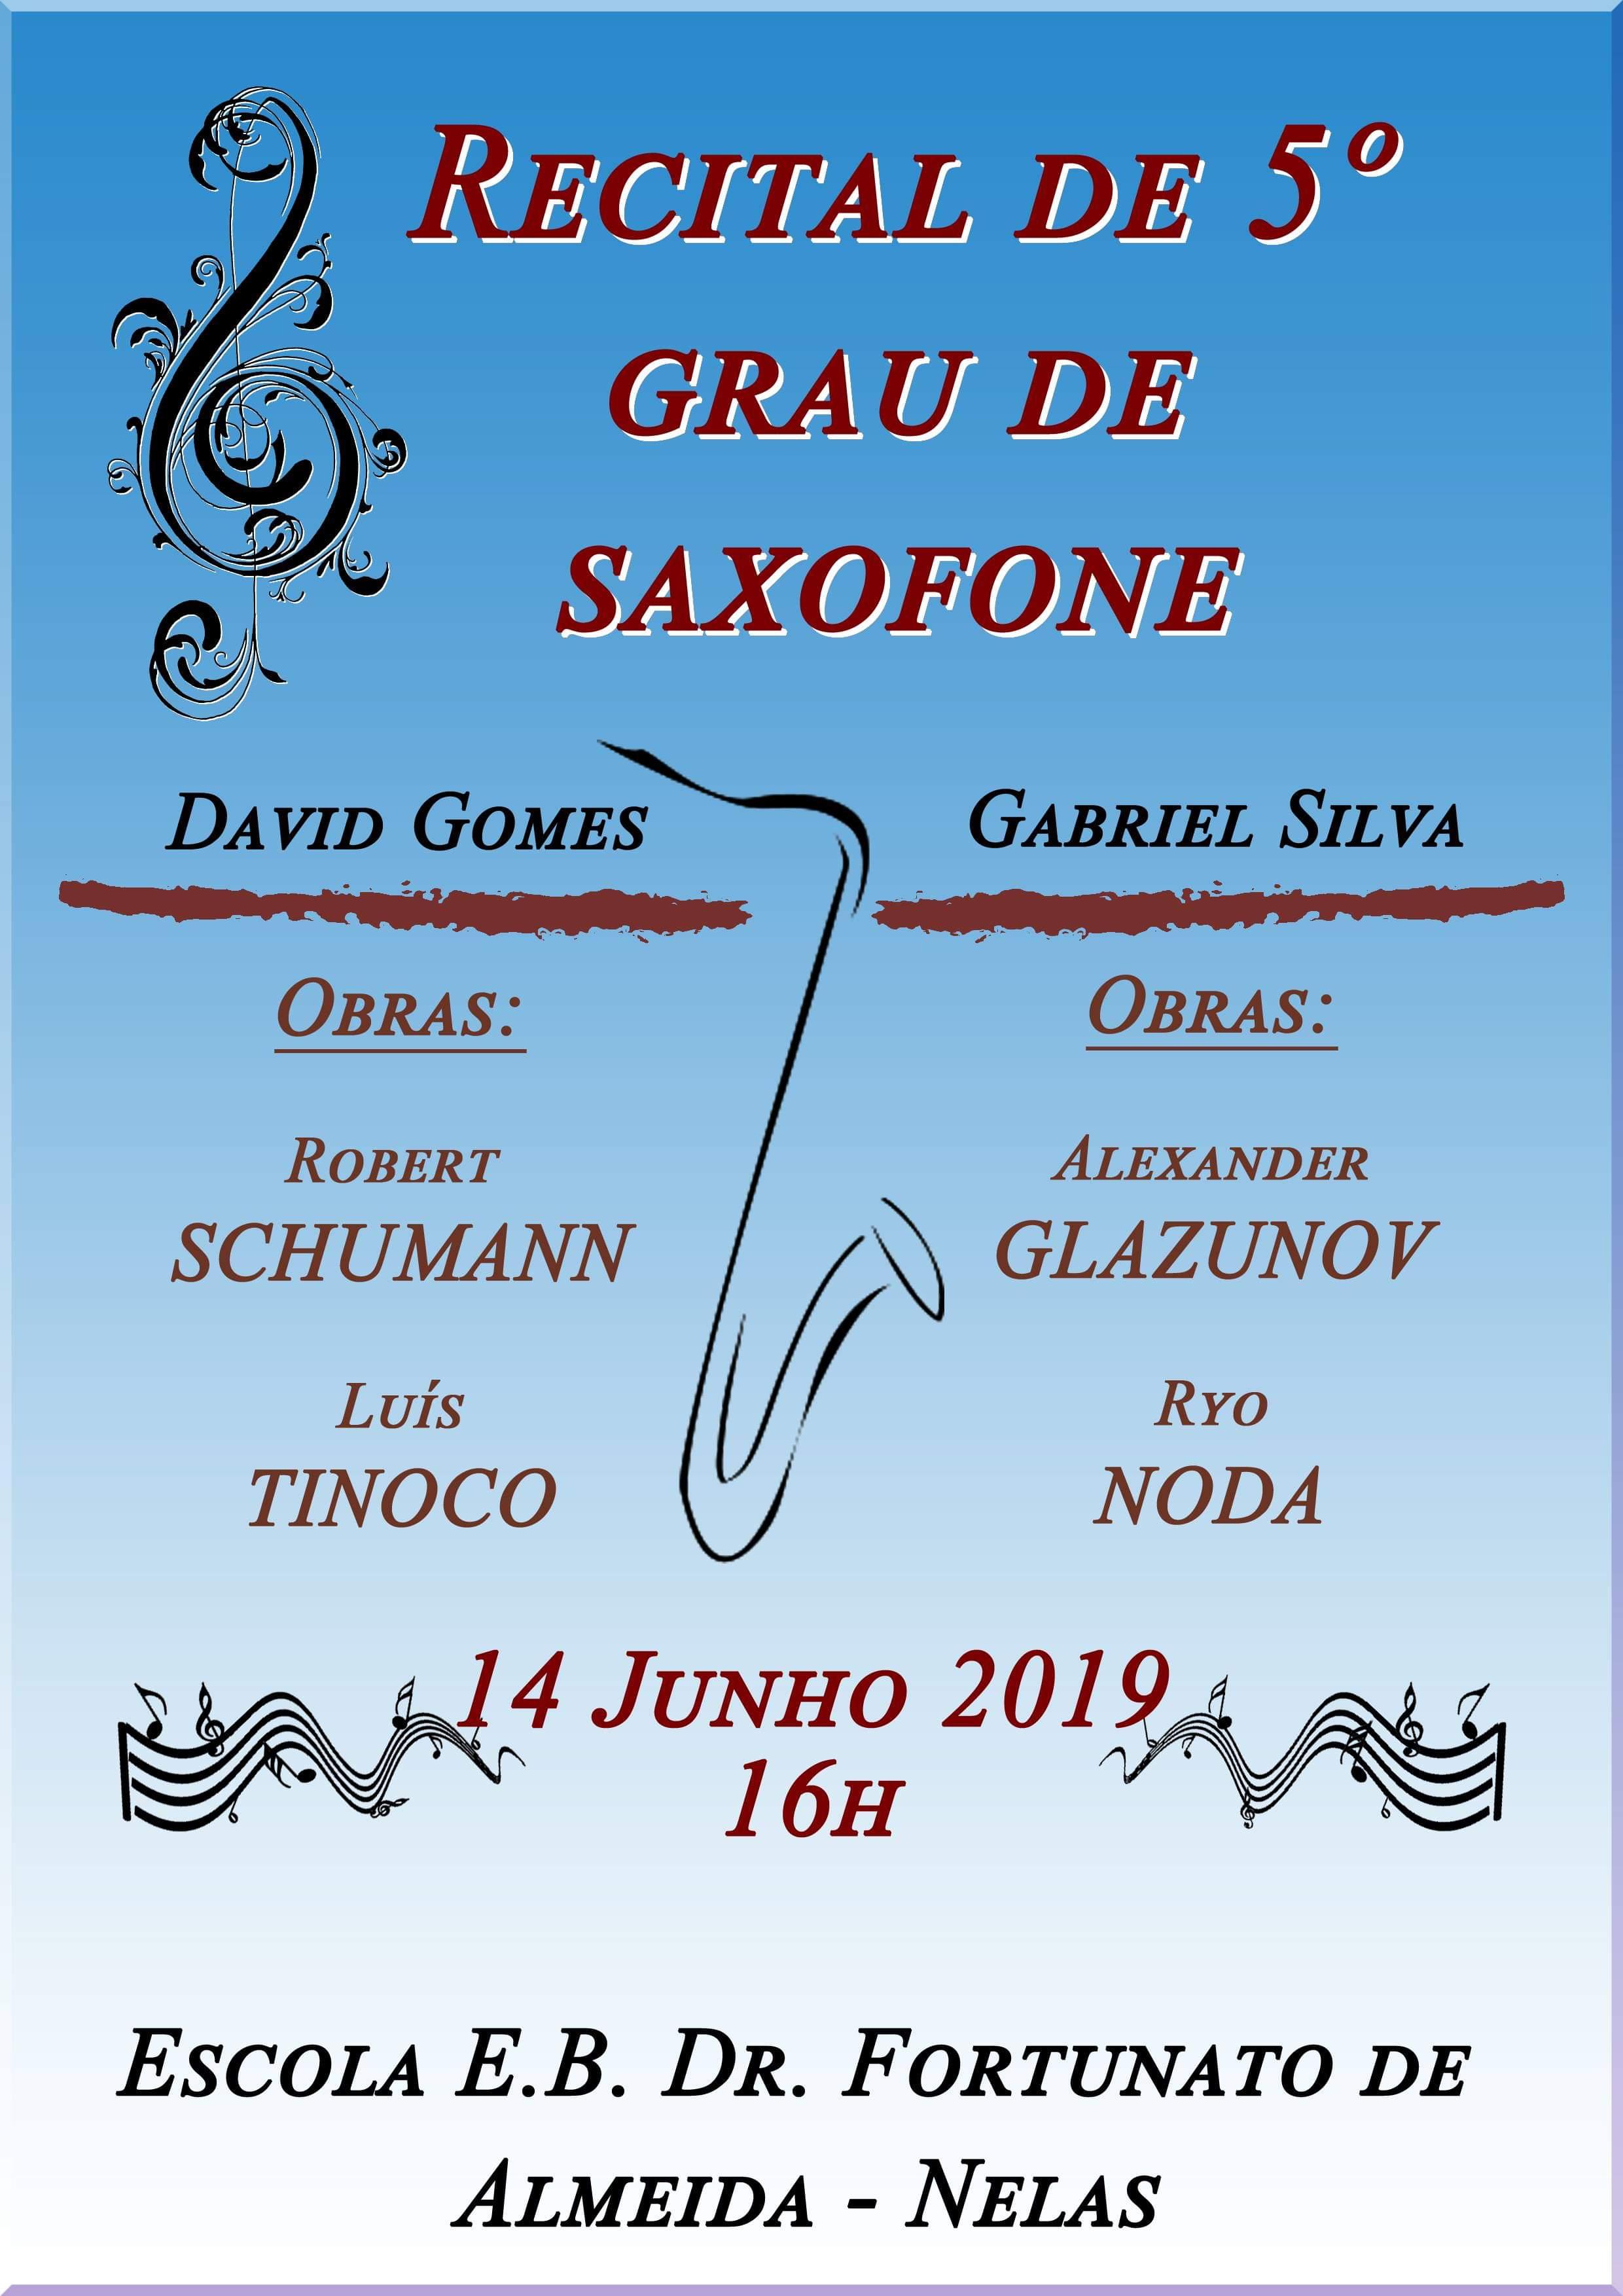 Recital de Saxofone